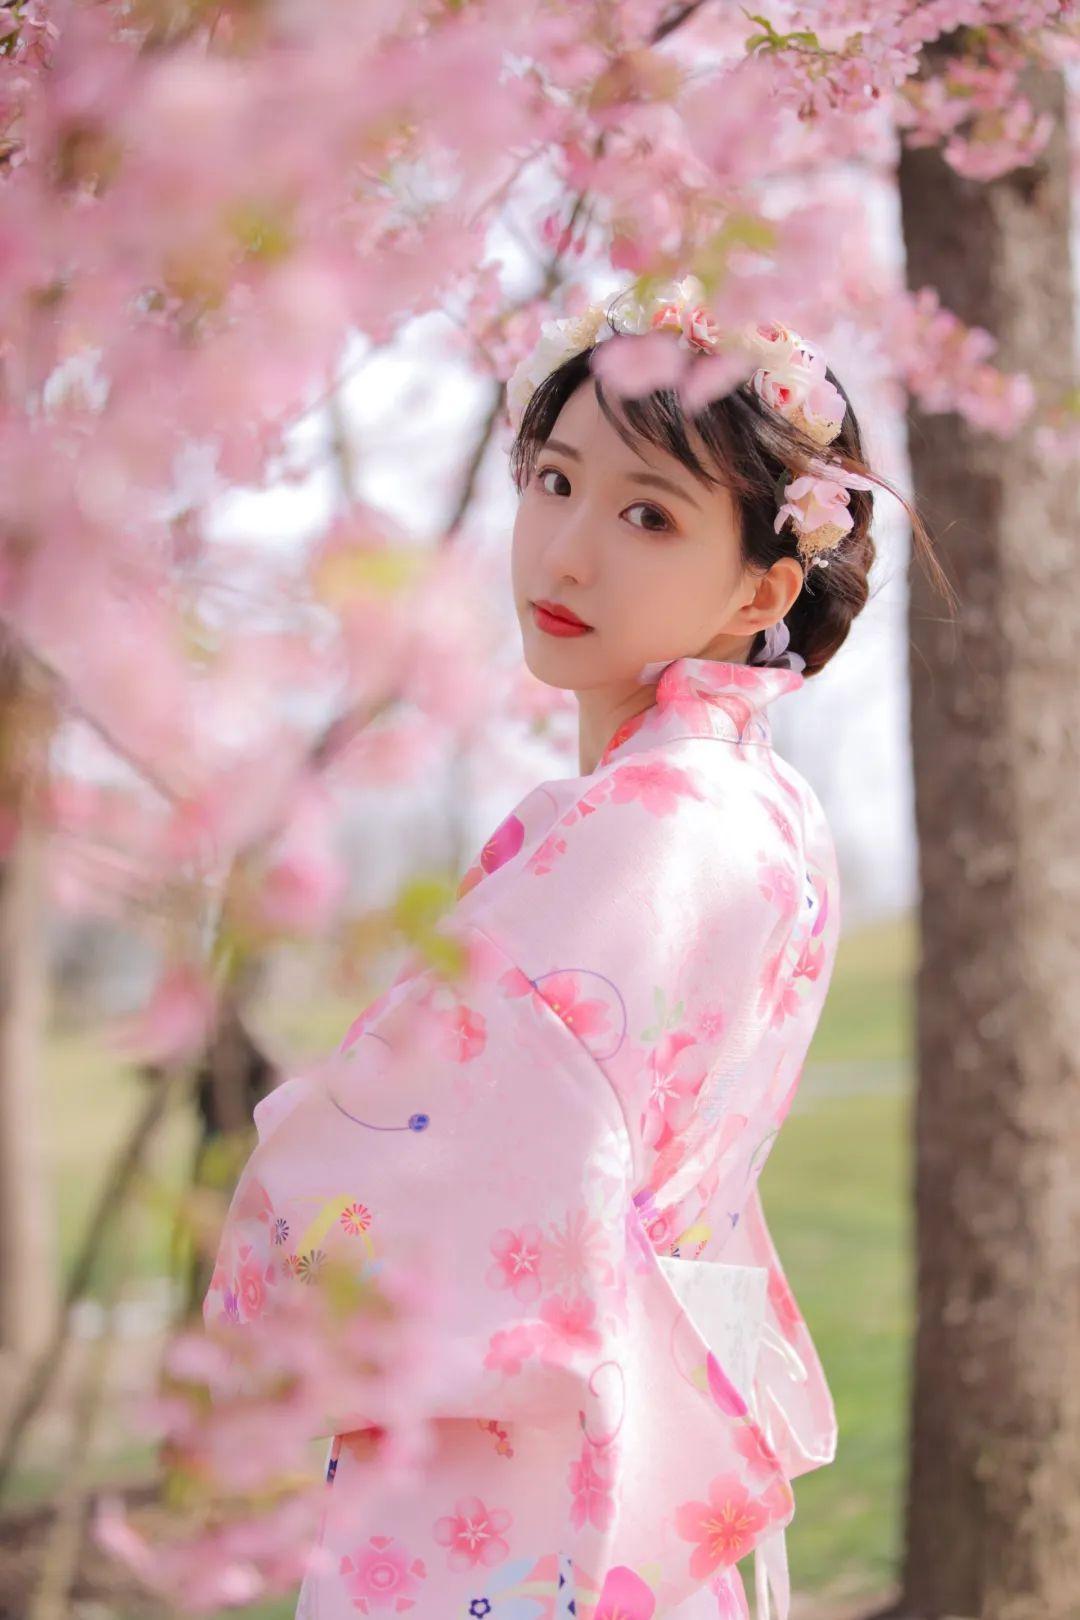 妹子摄影 – 粉粉的日系少女樱花树下写真_图片 No.18